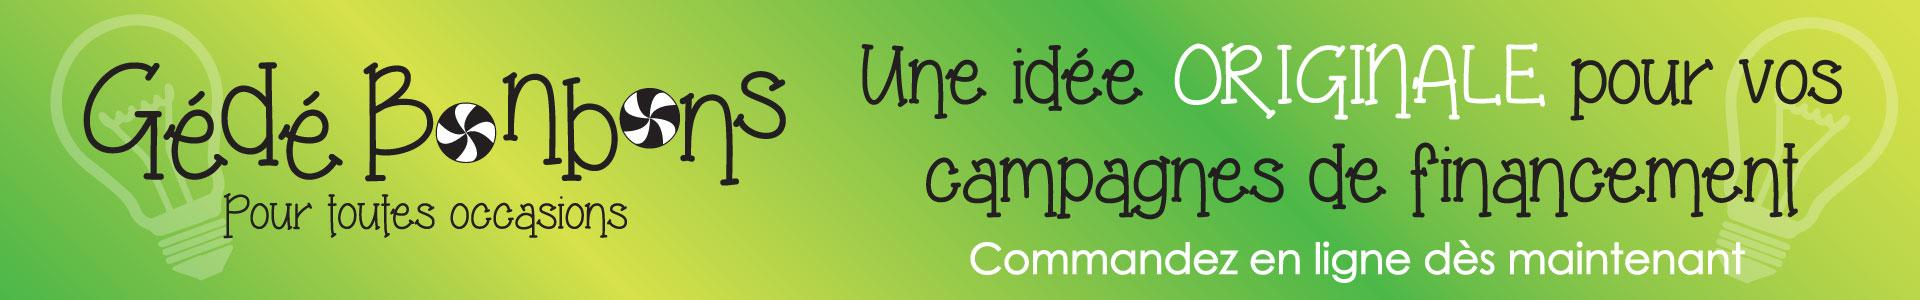 Campagnes de financement - Une idée originale pour vos campagnes de financement